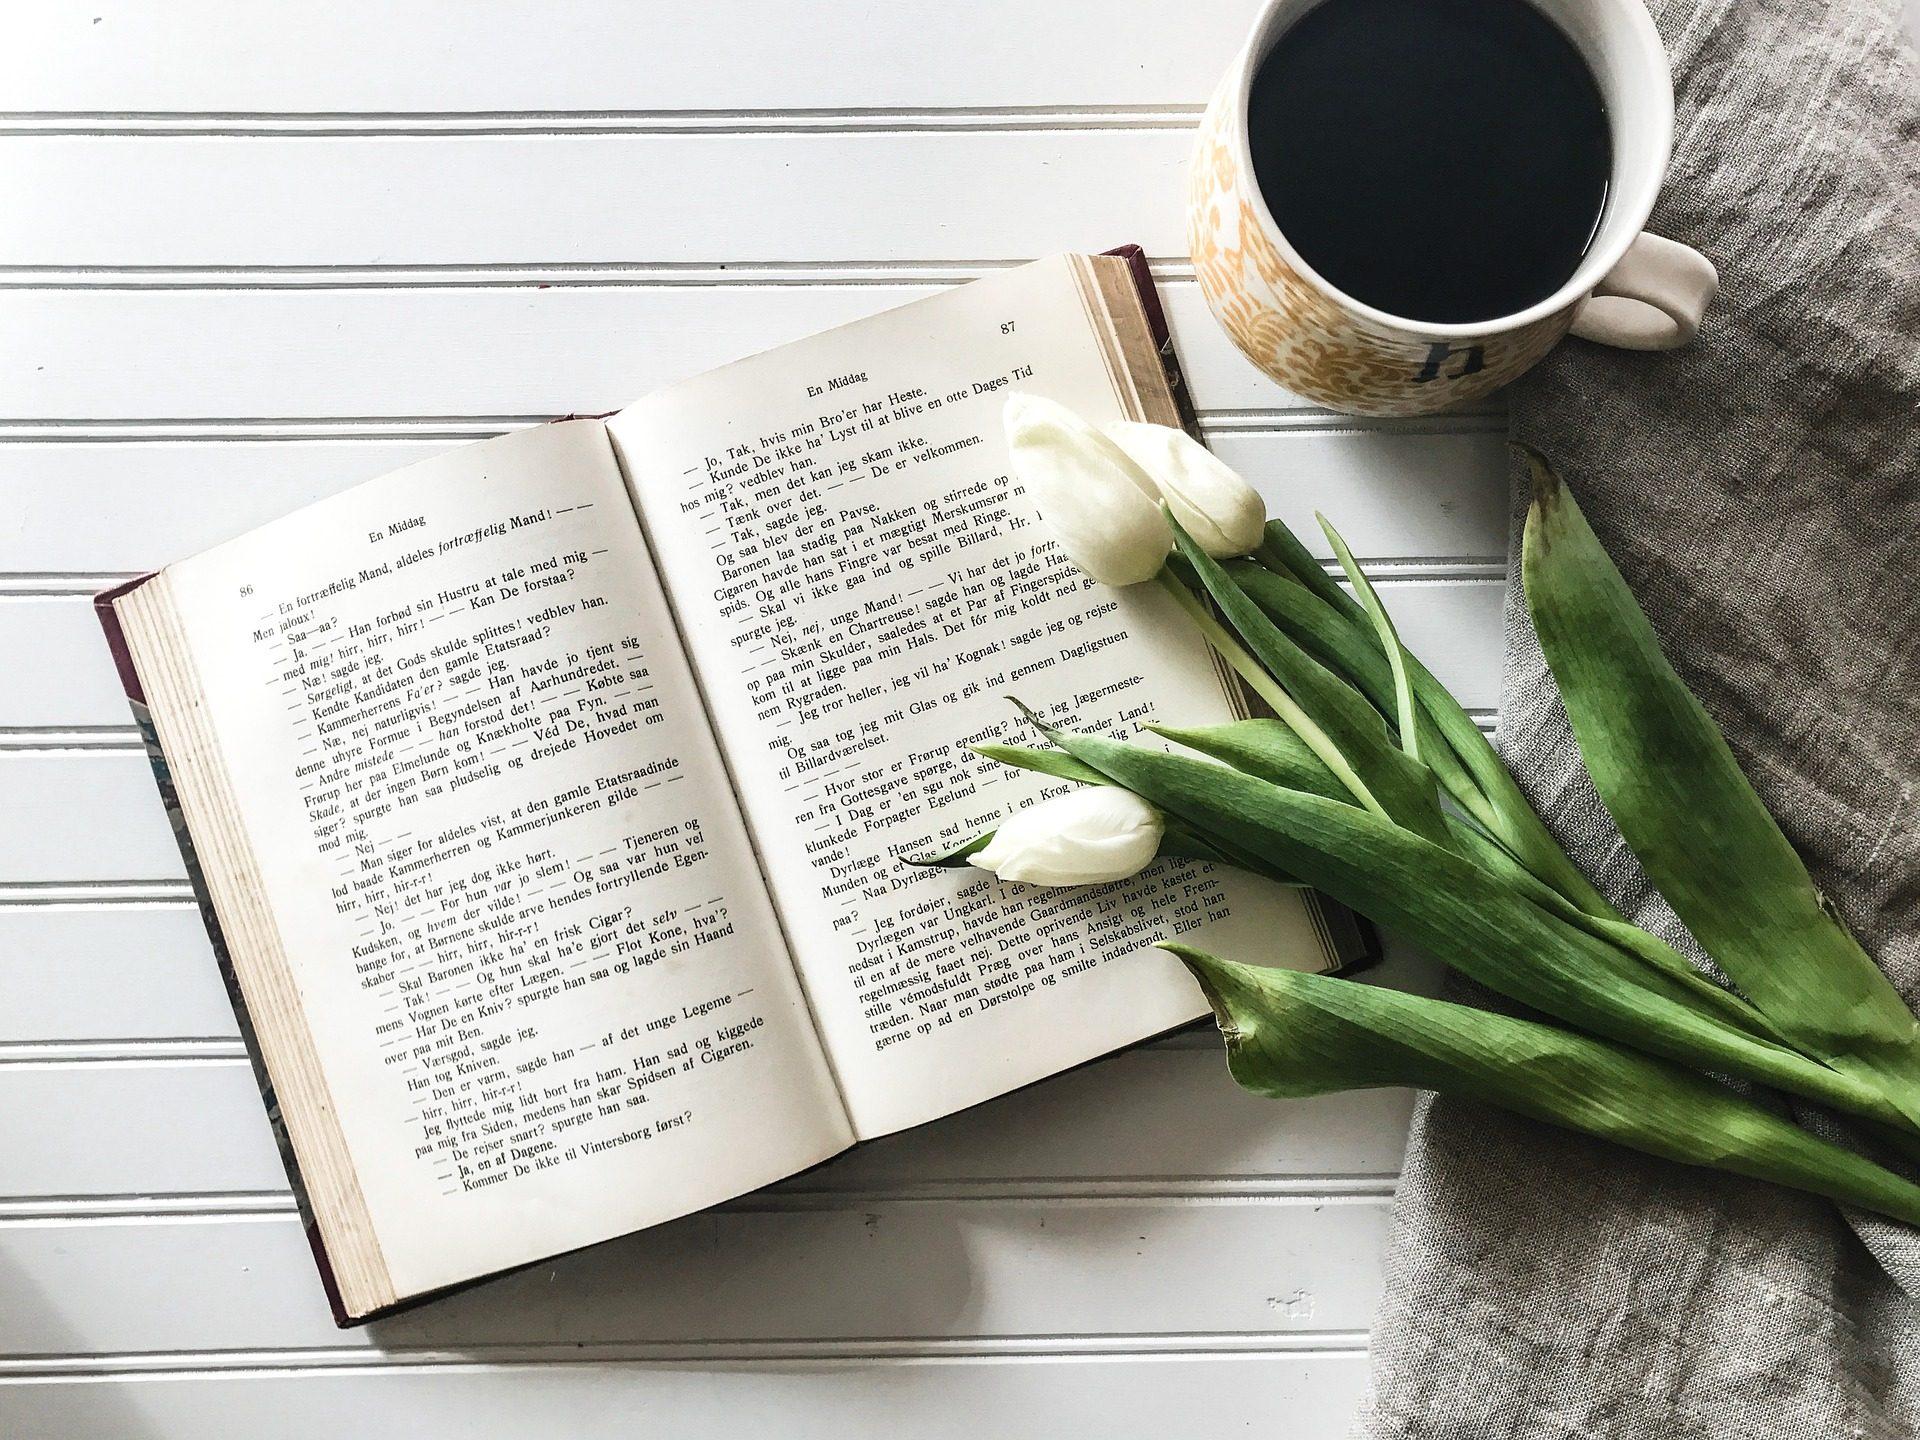 Livre, Coupe, café, le petit déjeuner, fleurs - Fonds d'écran HD - Professor-falken.com